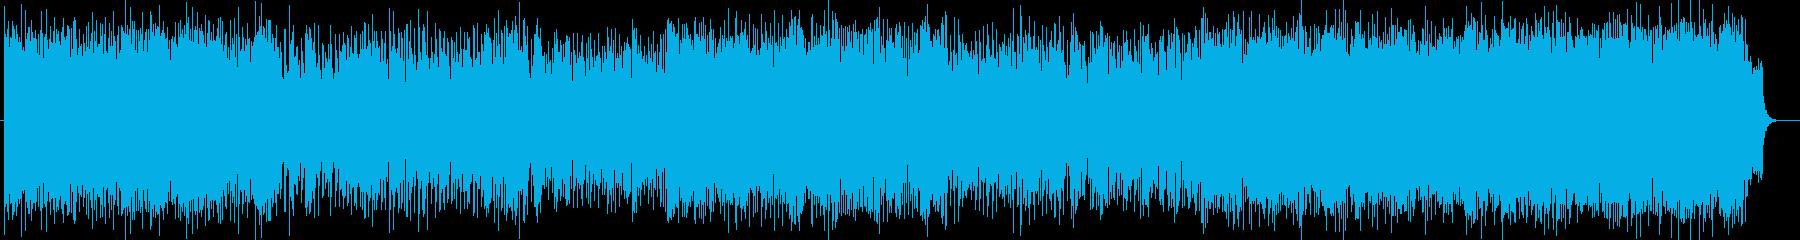 明るい曲調の絶えないポップスの再生済みの波形